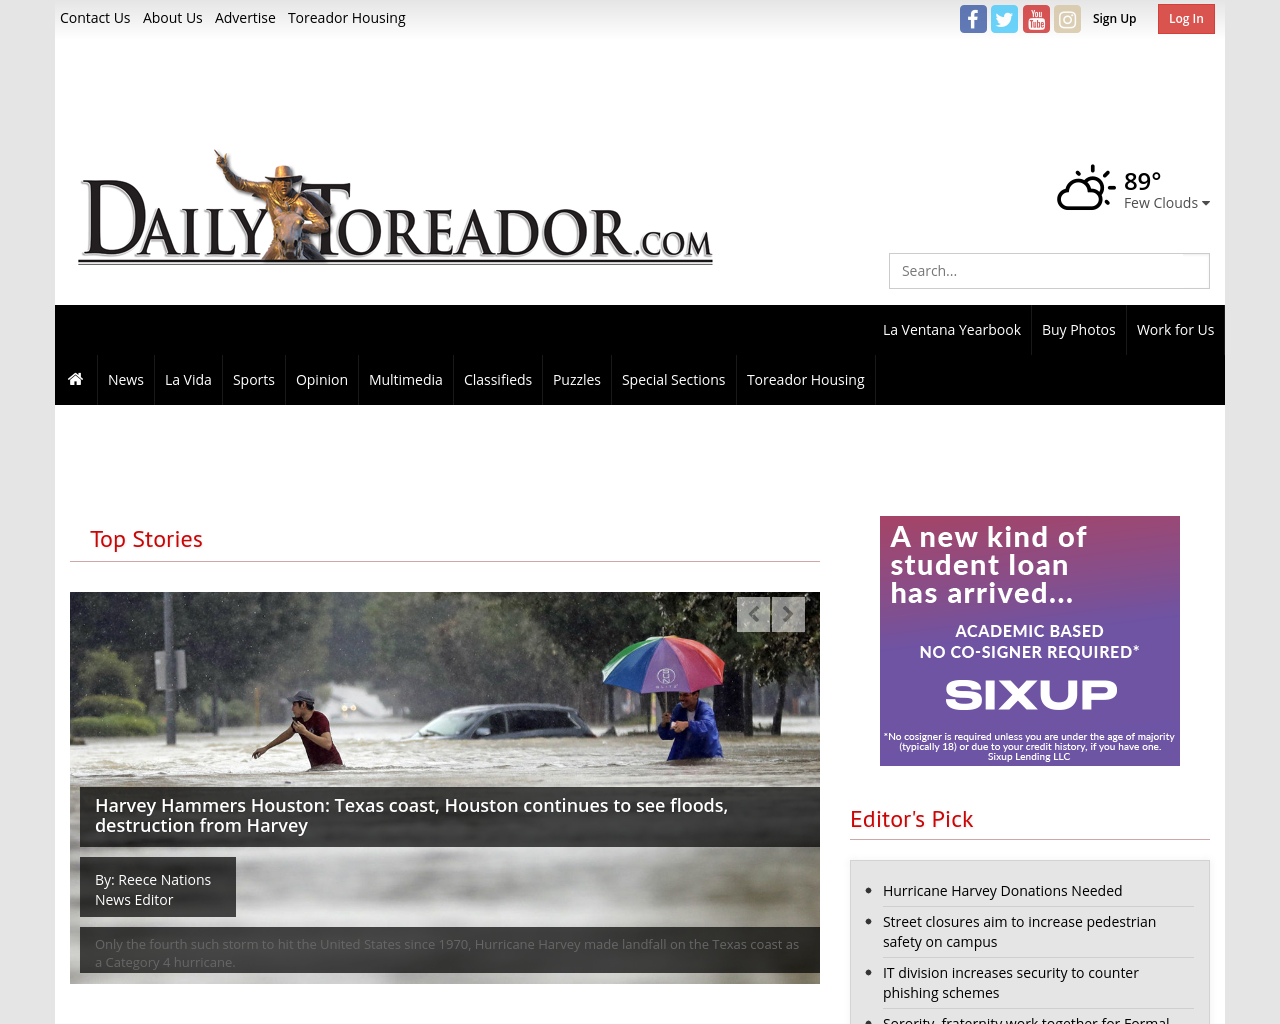 Dailytoreador.com-Advertising-Reviews-Pricing